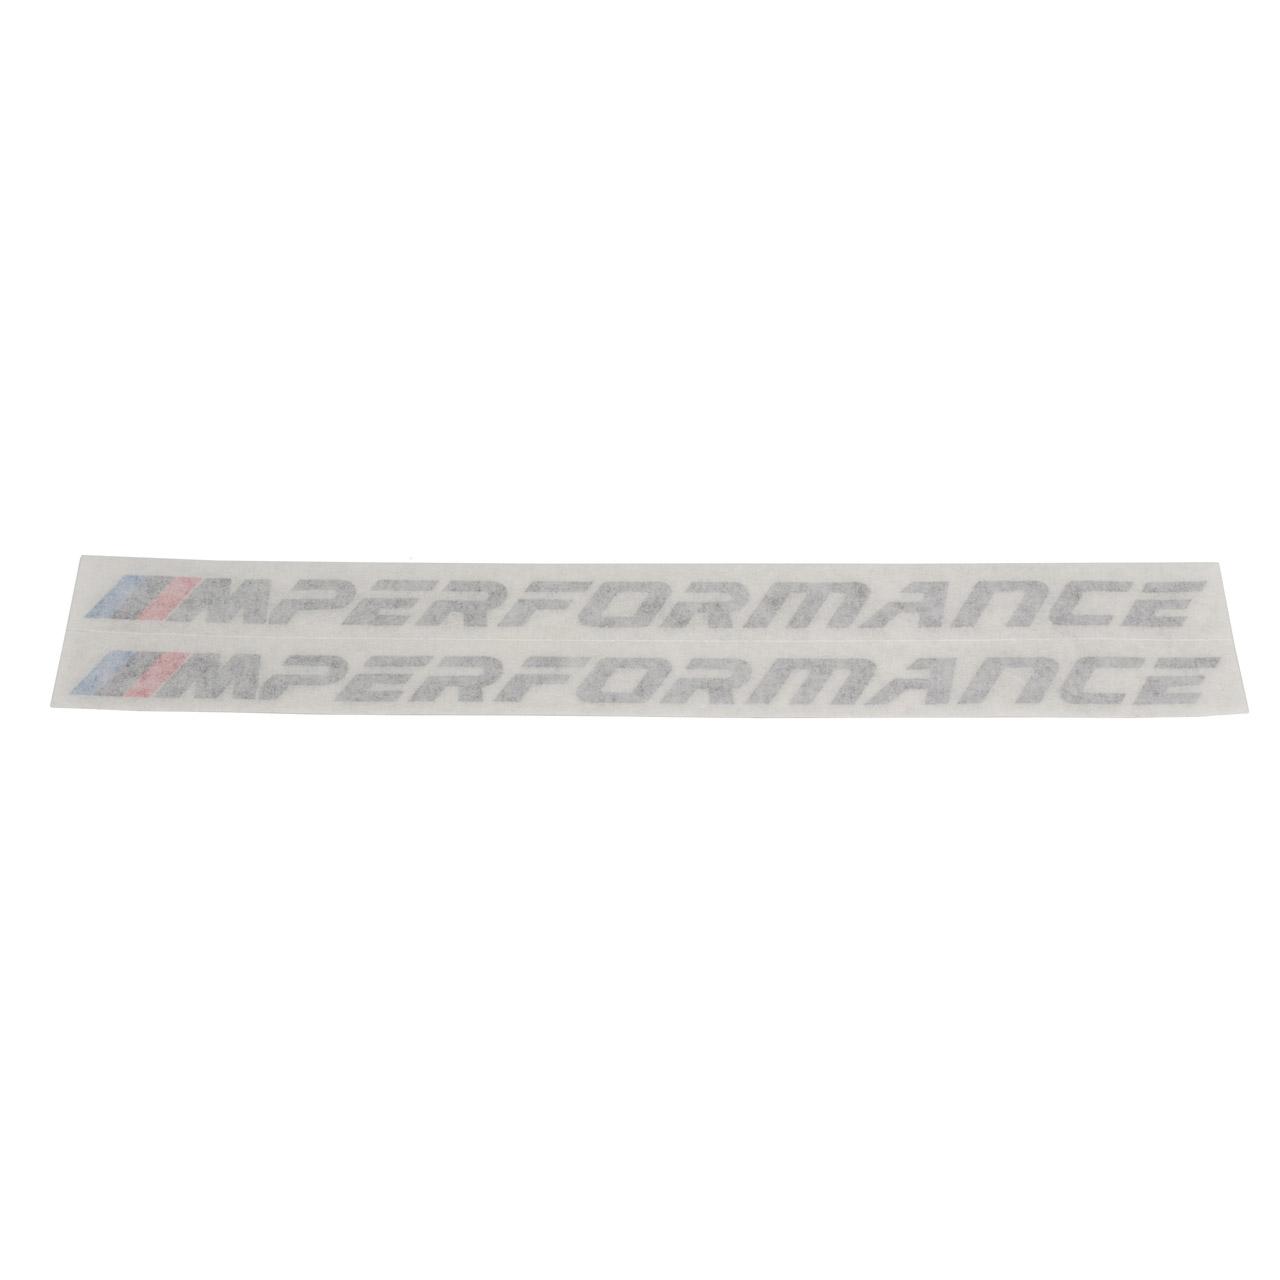 ORIGINAL BMW M Performance Aufkleber Set SILBER Sticker Schriftzug 51142413970